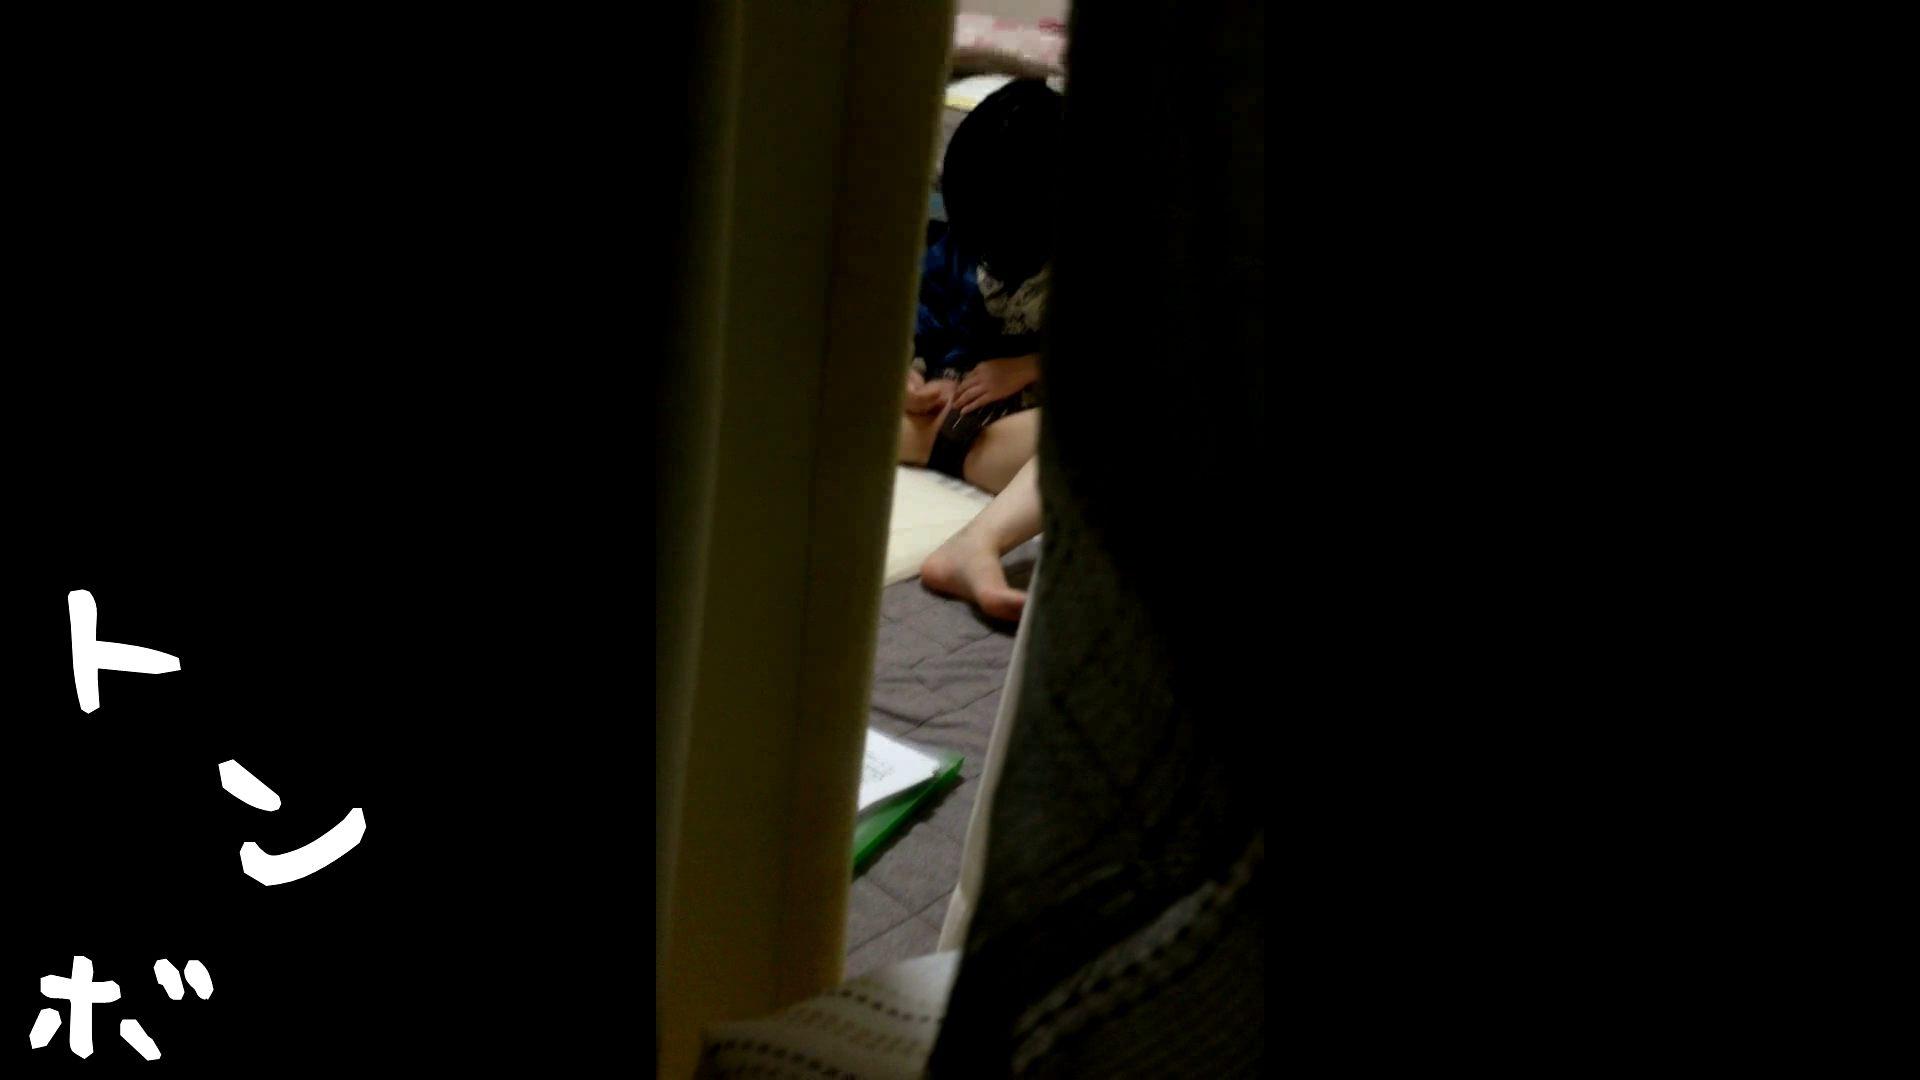 リアル盗撮 作家志望J子 アソコのお手入れ最中に感じてパンツを湿らす 盗撮 | 隠れた名作  38画像 28